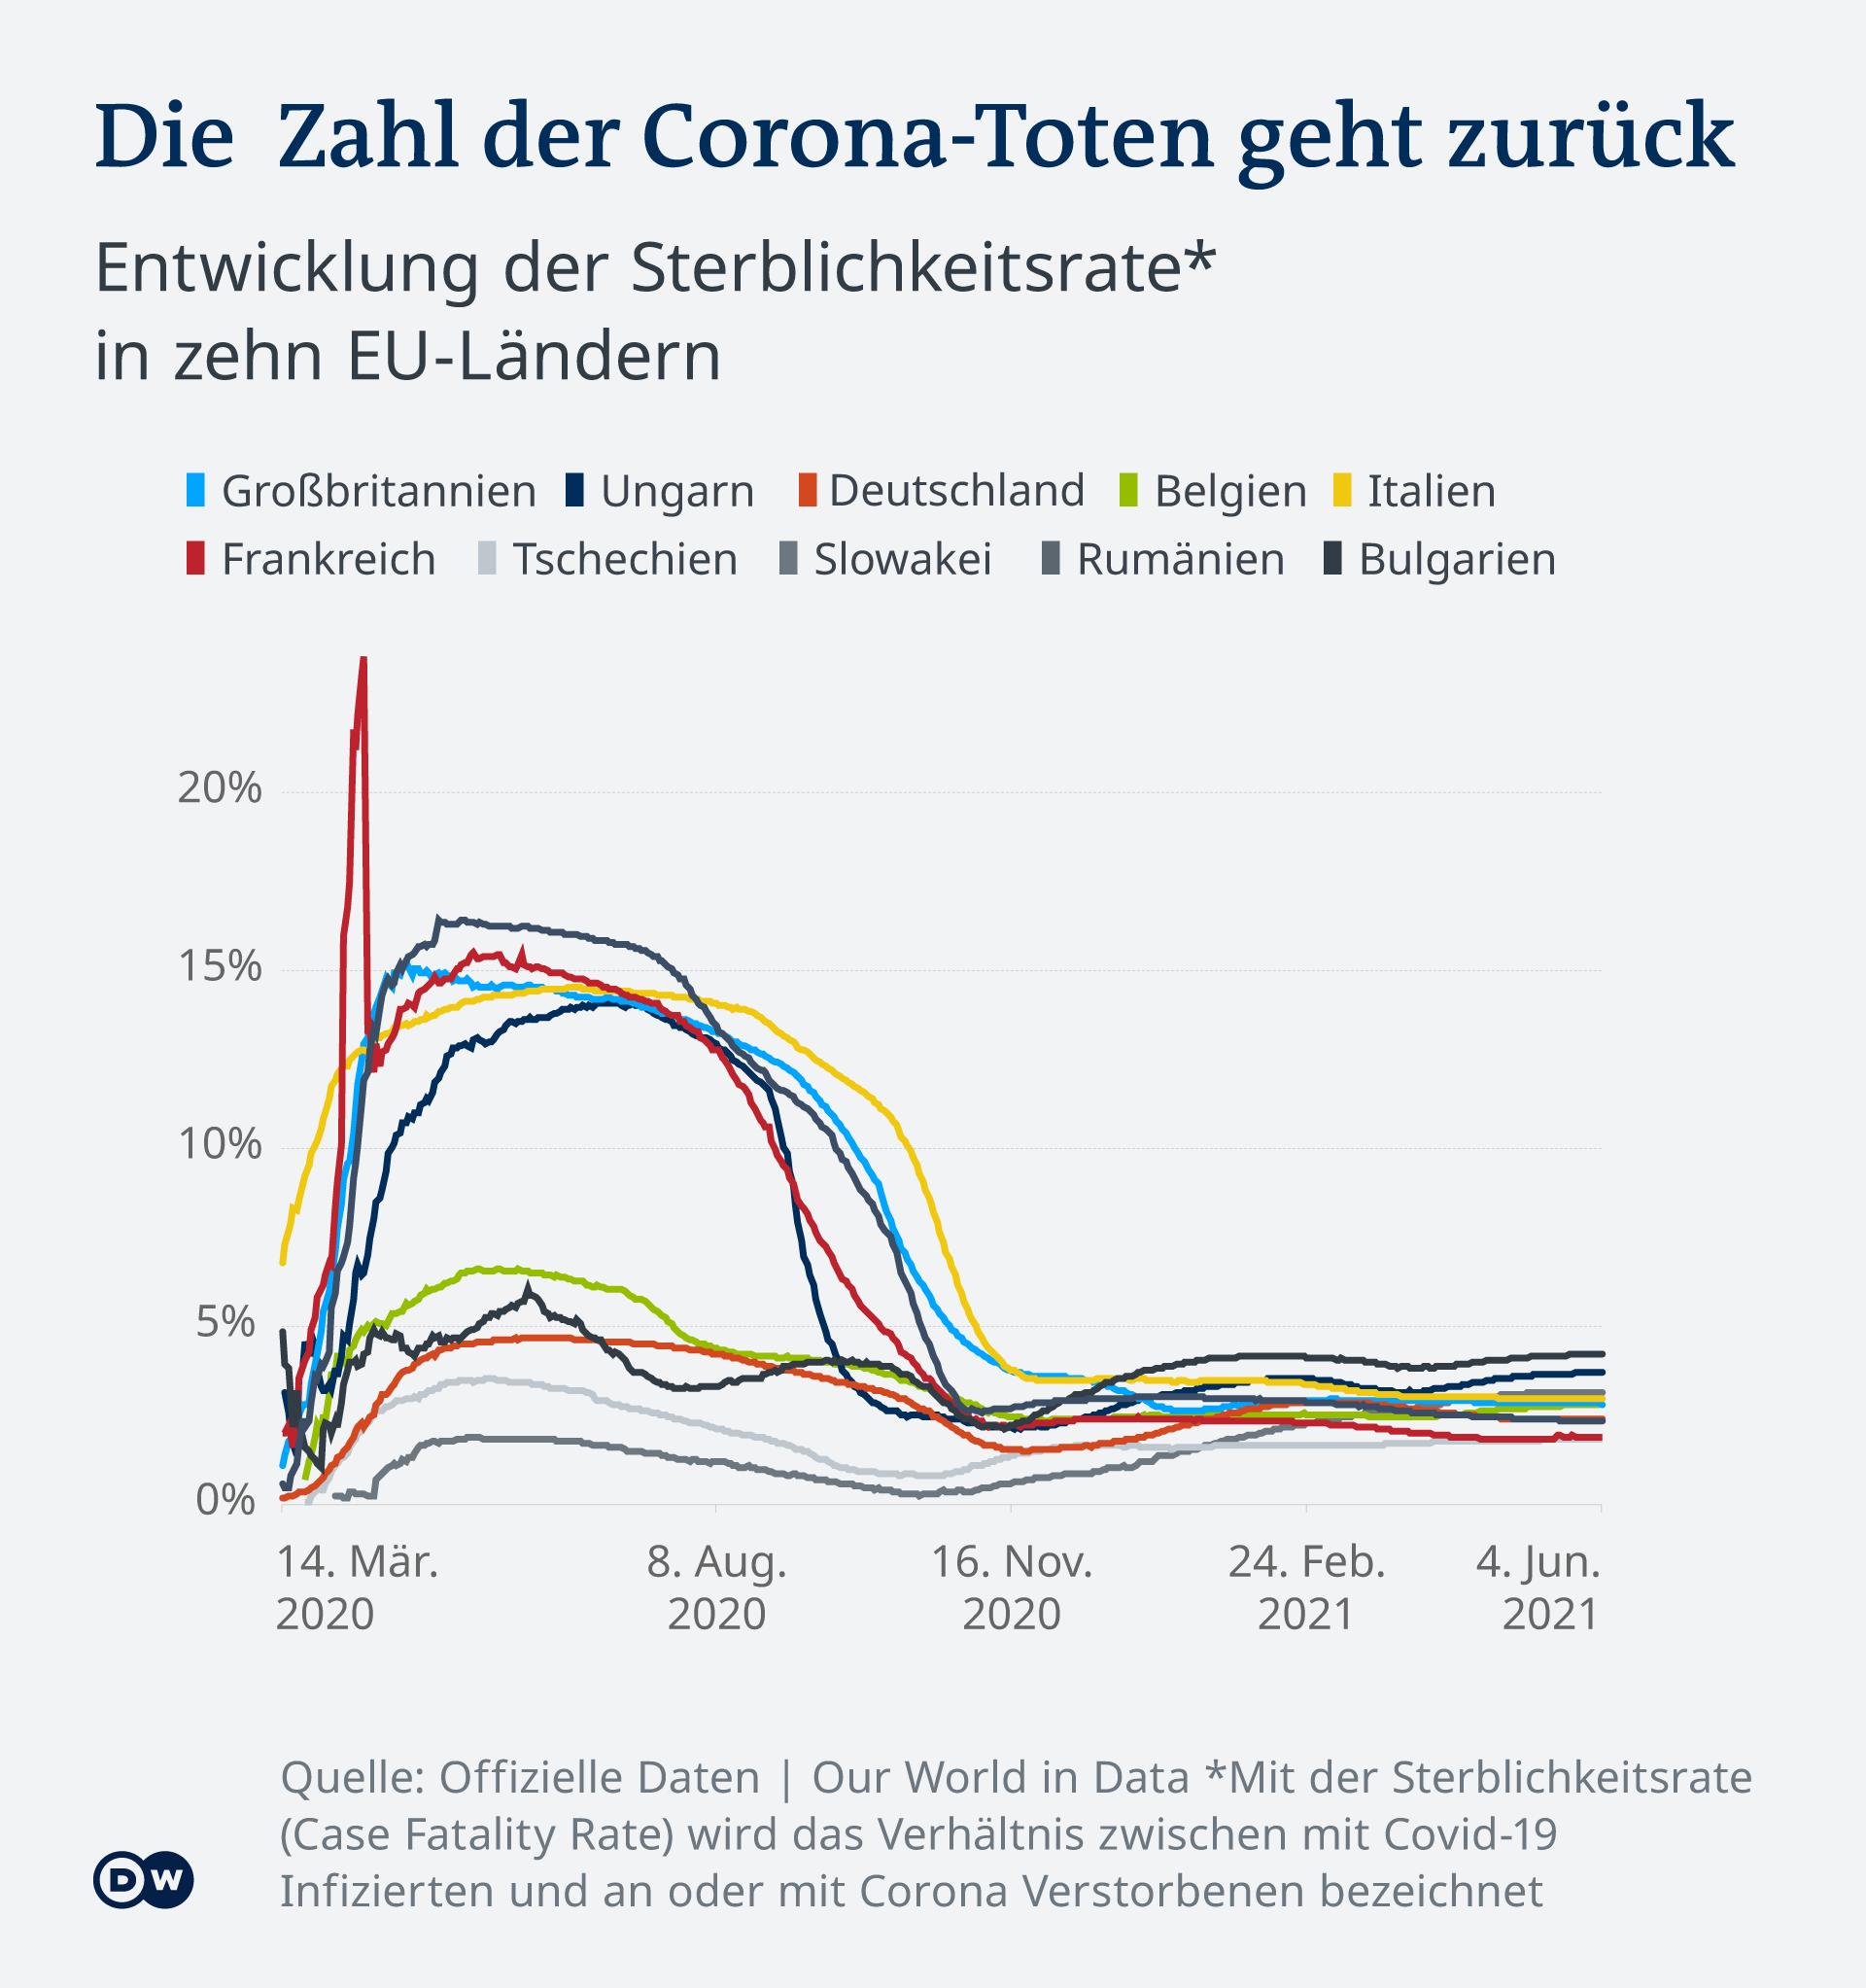 Infografik Zahl der Coronta-Toten geht zurück DE